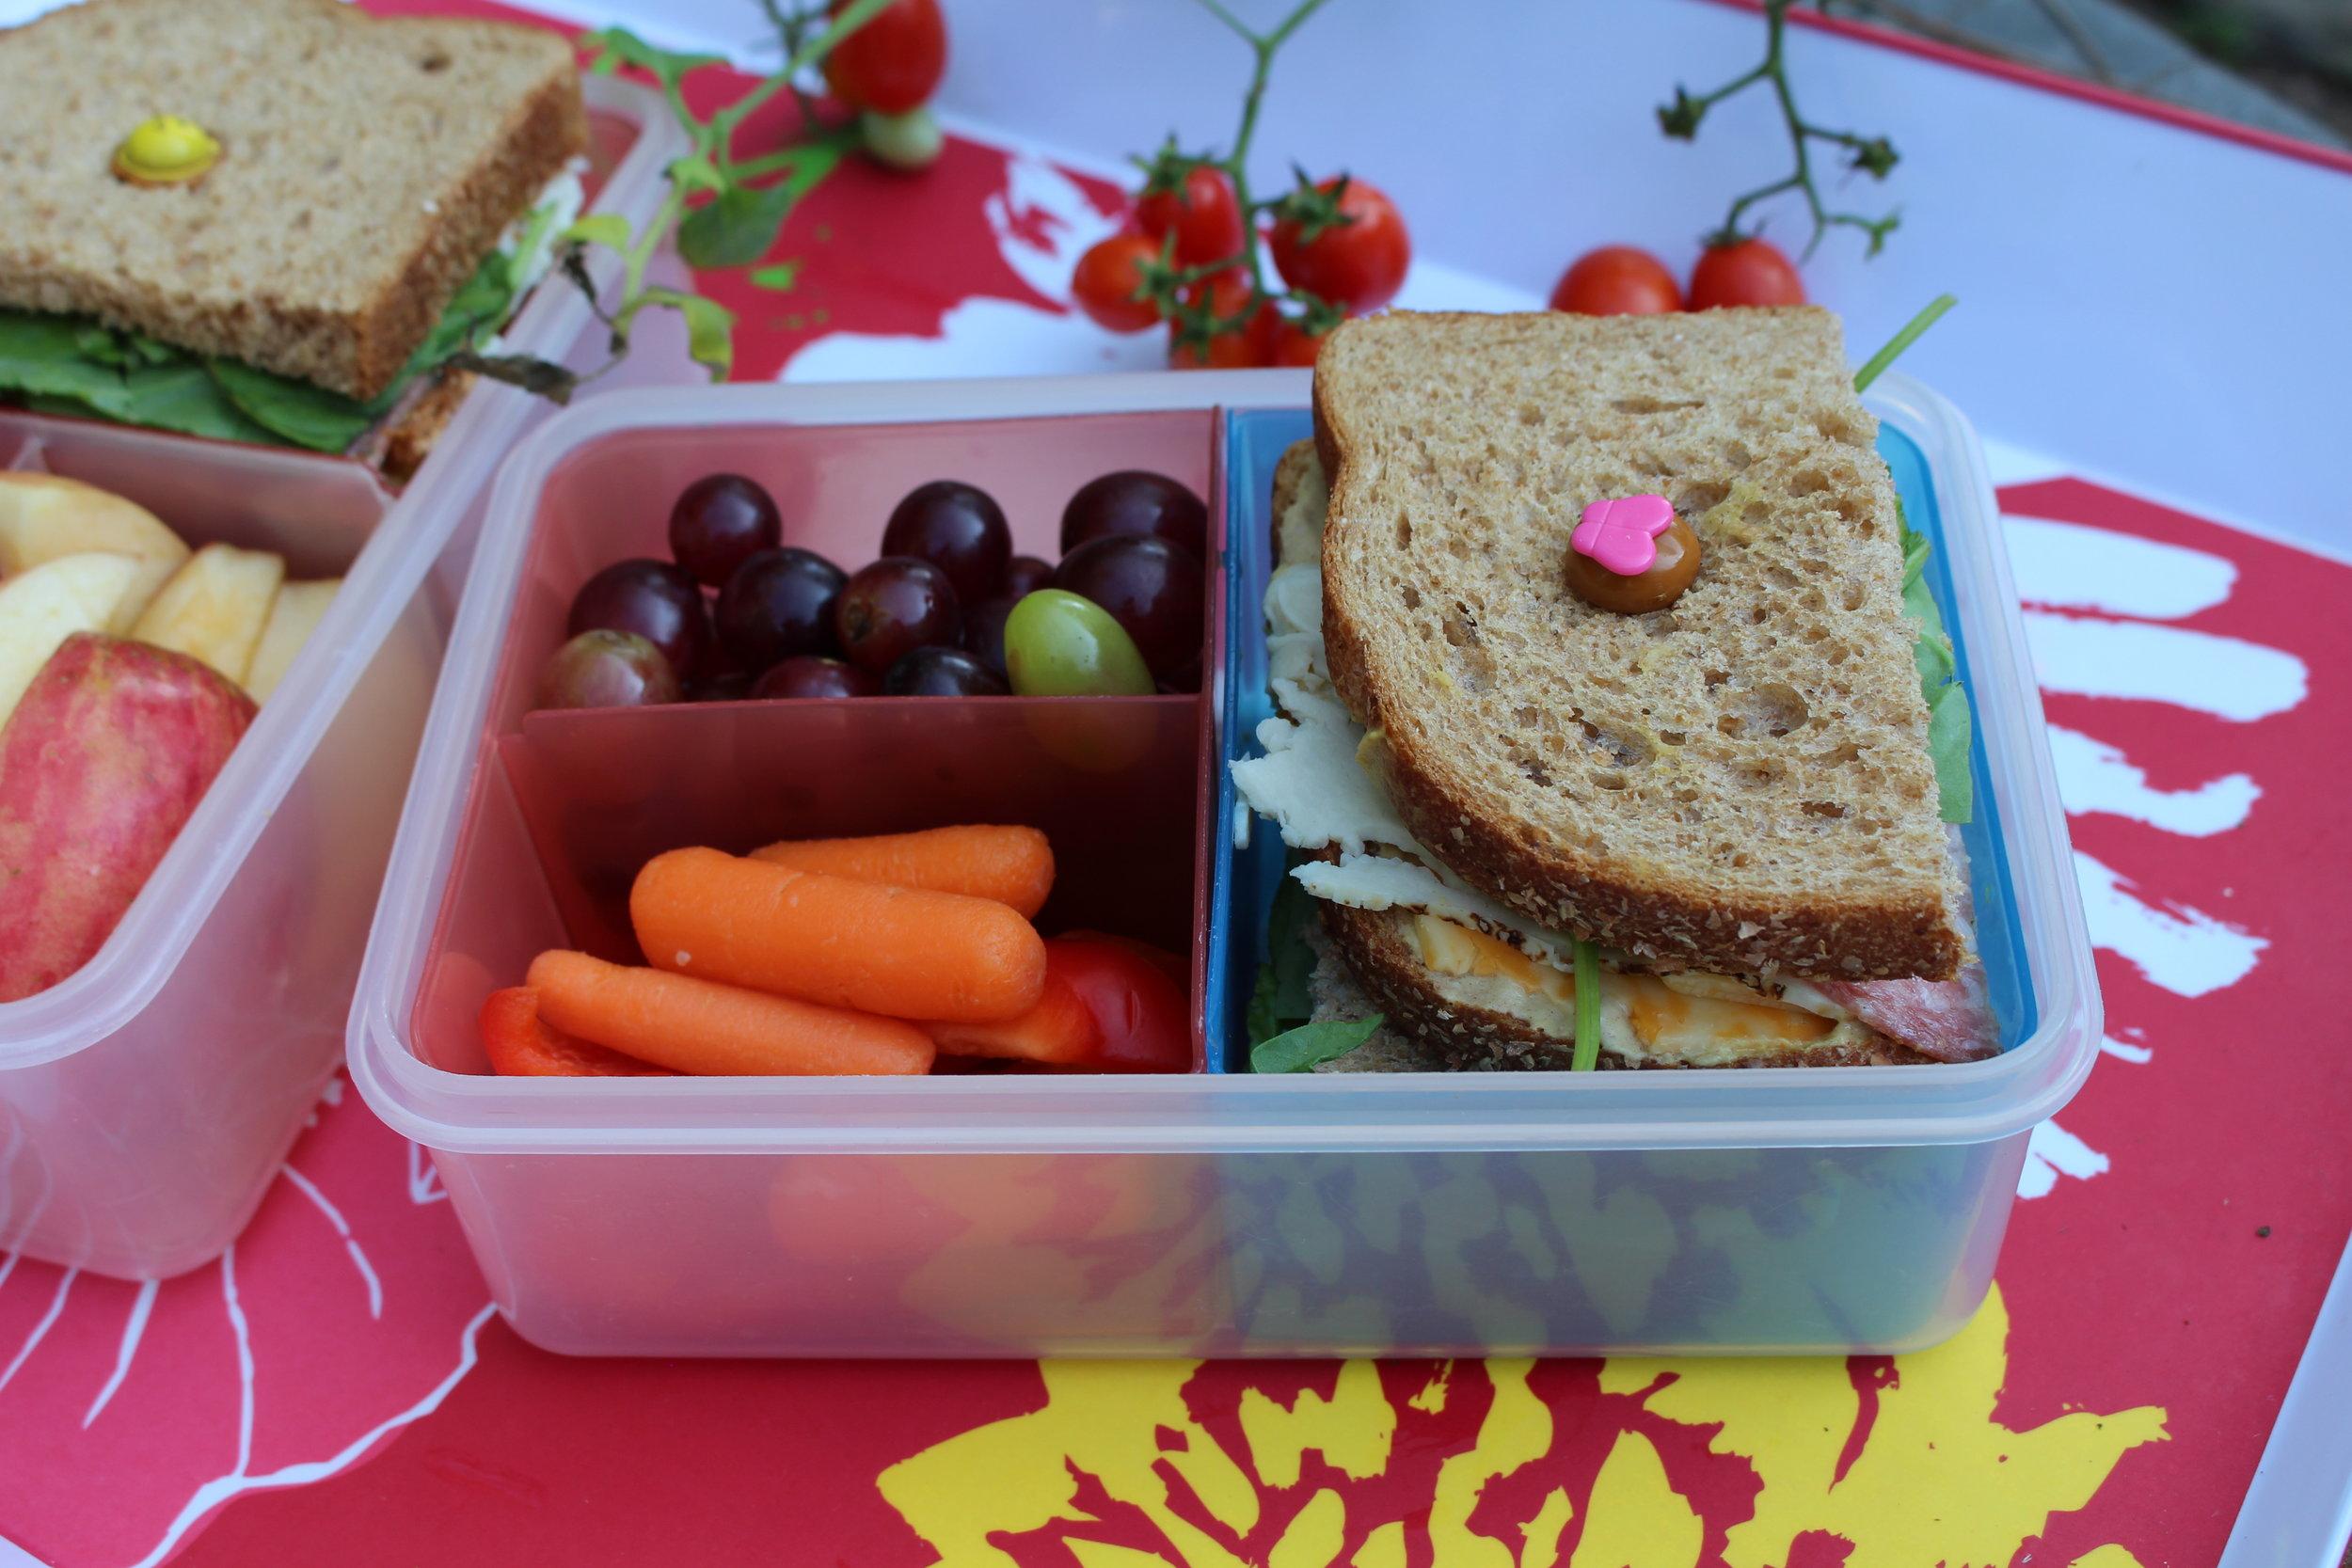 lunch-pic-2.jpg